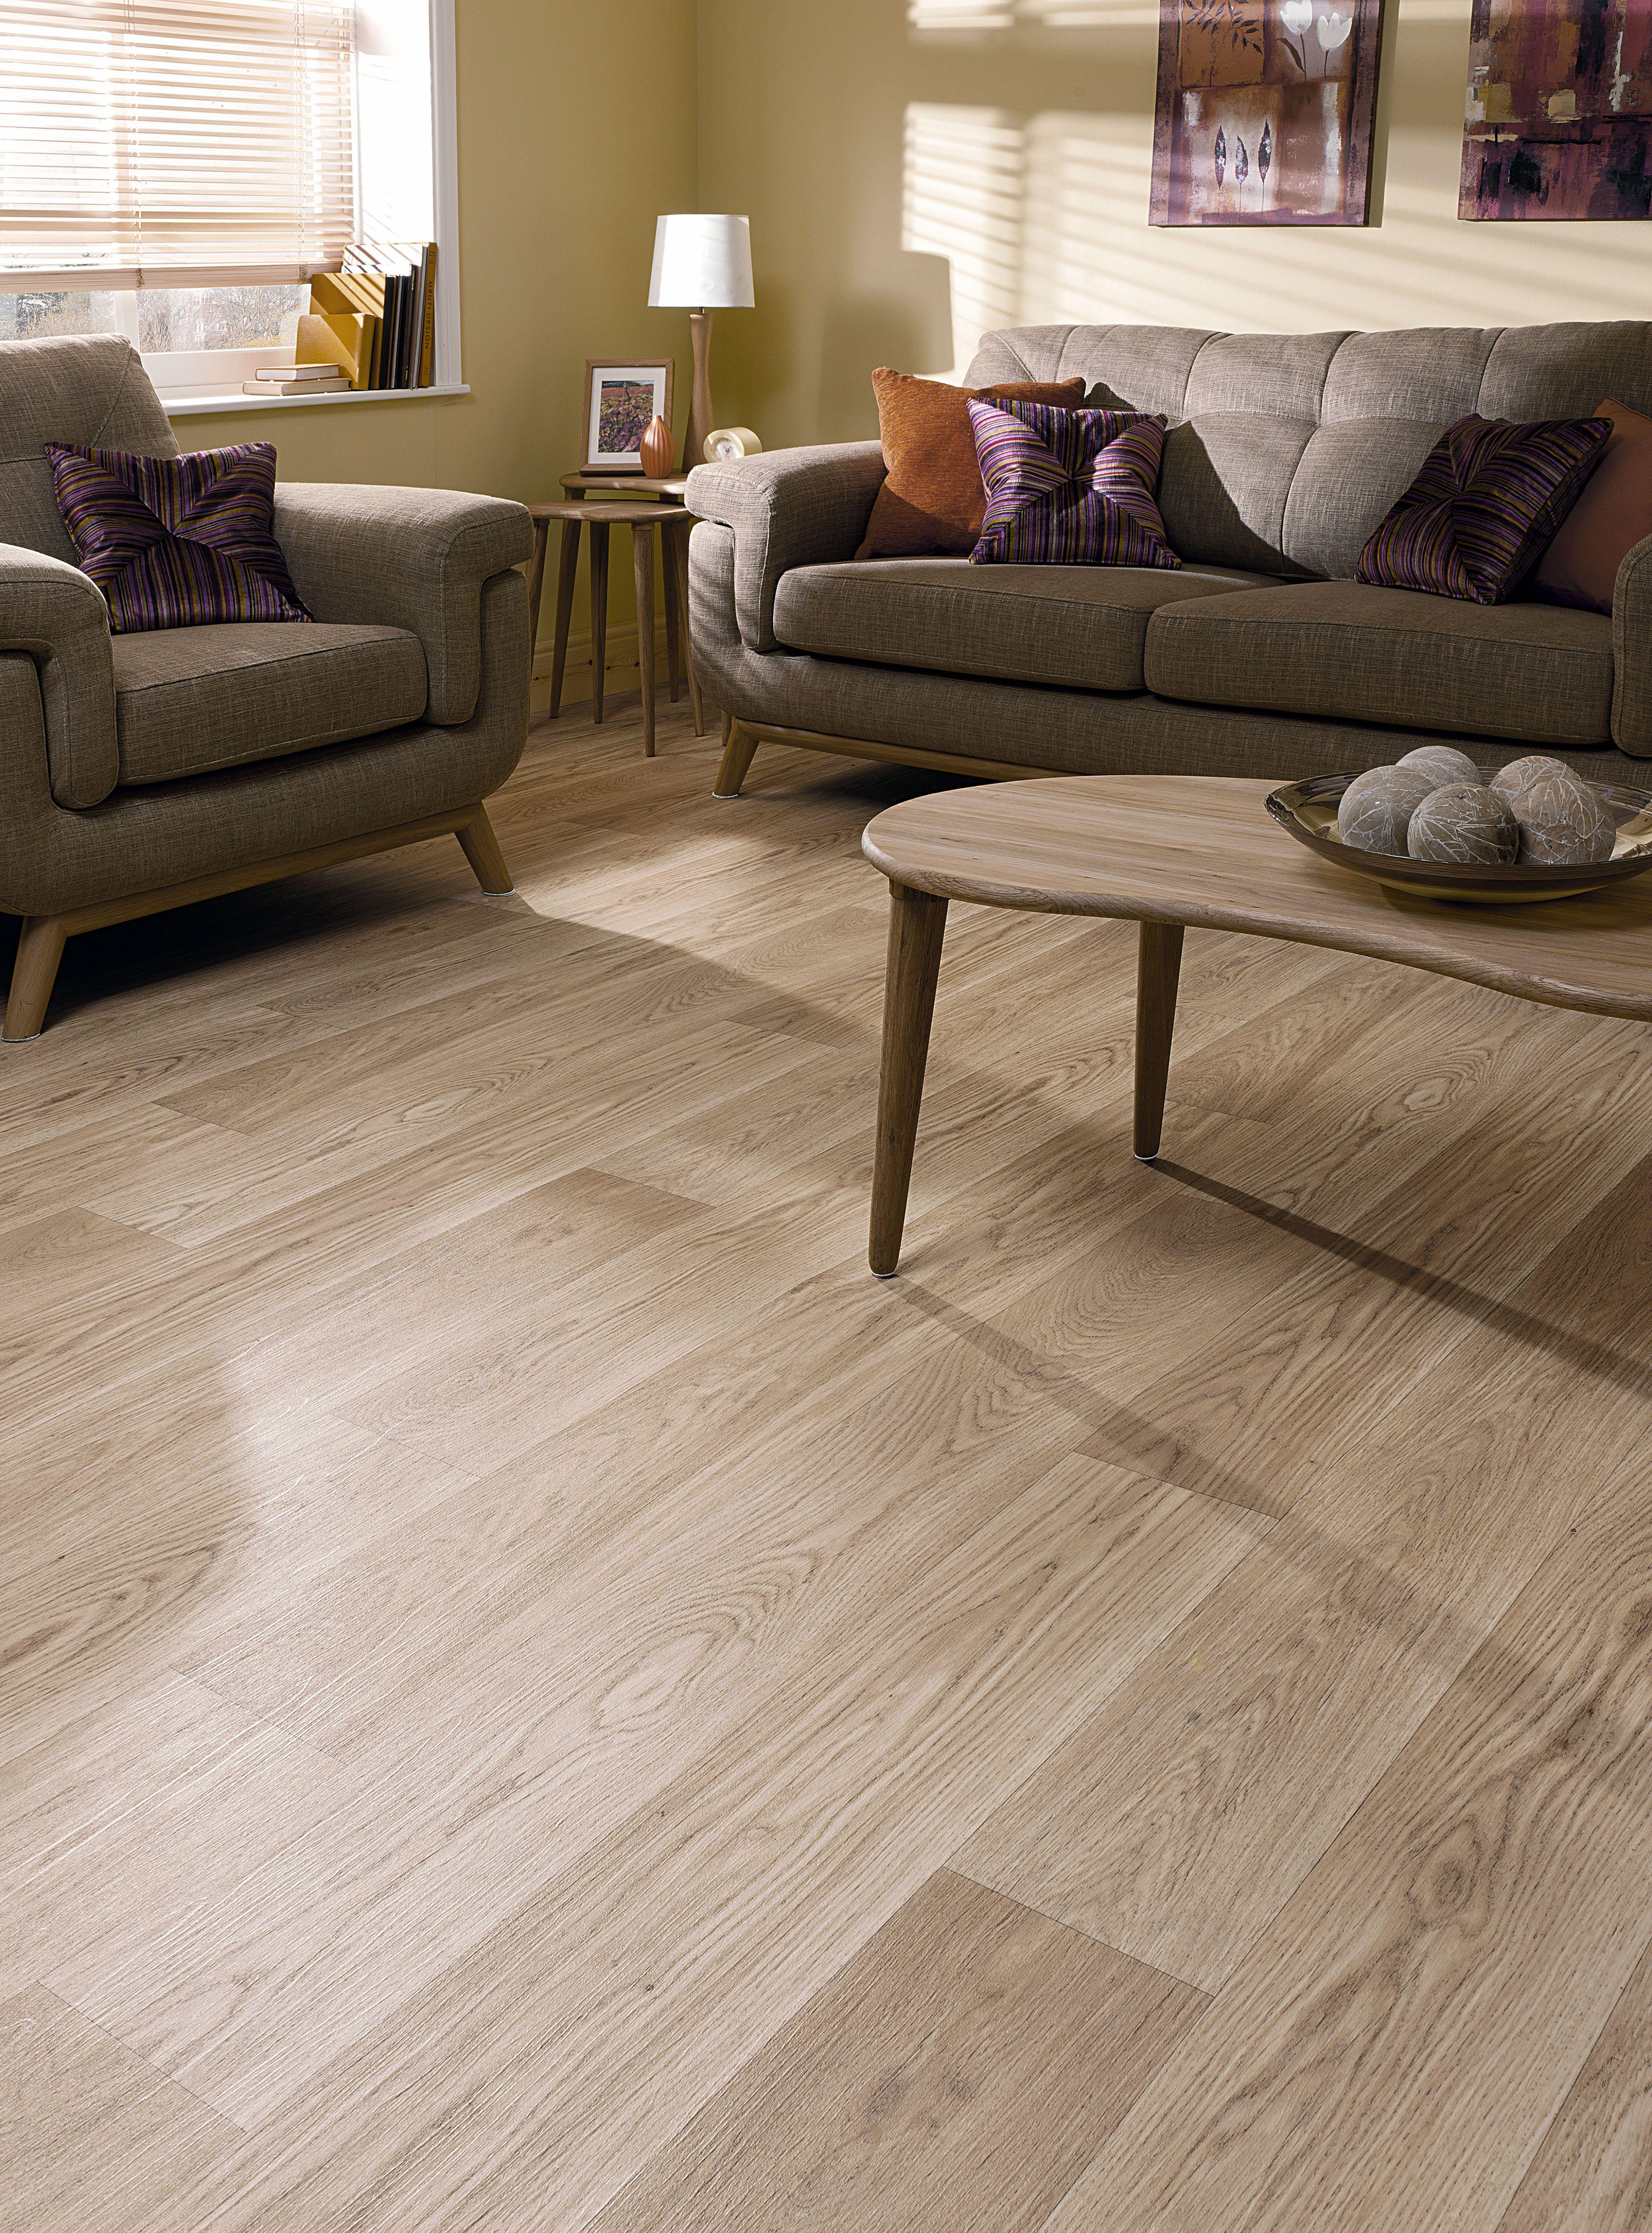 Polyflor Secura Flooring 2127 Living Room Flooring Flooring Home